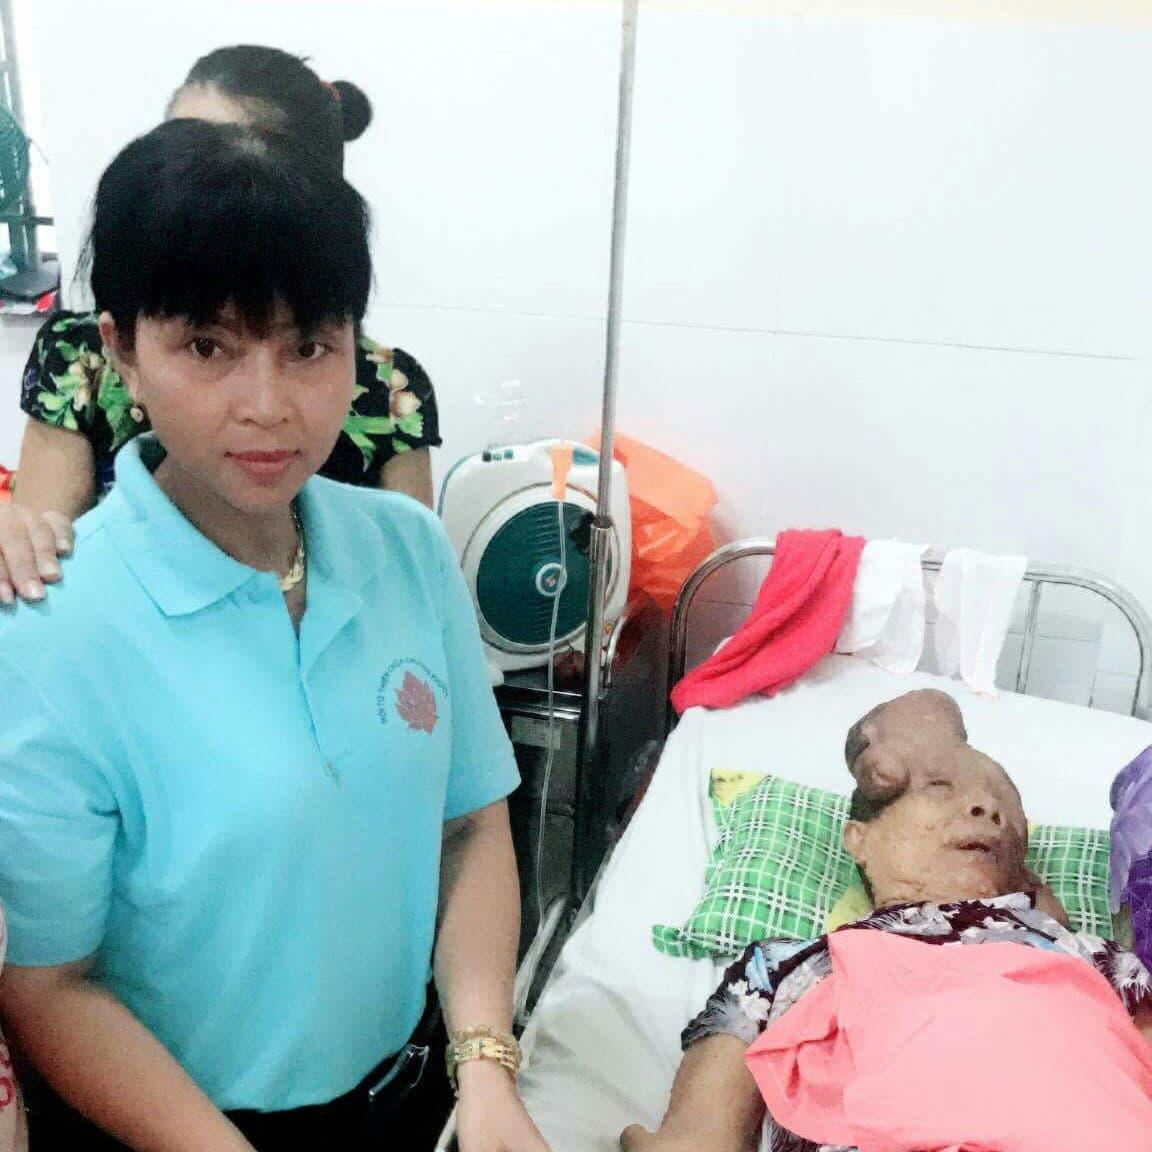 Hẩm hiu số phận của người đàn bà mang khối u khổng lồ trên mặt: 'Xin cho tôi cơ hội sống bên mẹ già' - Ảnh 2